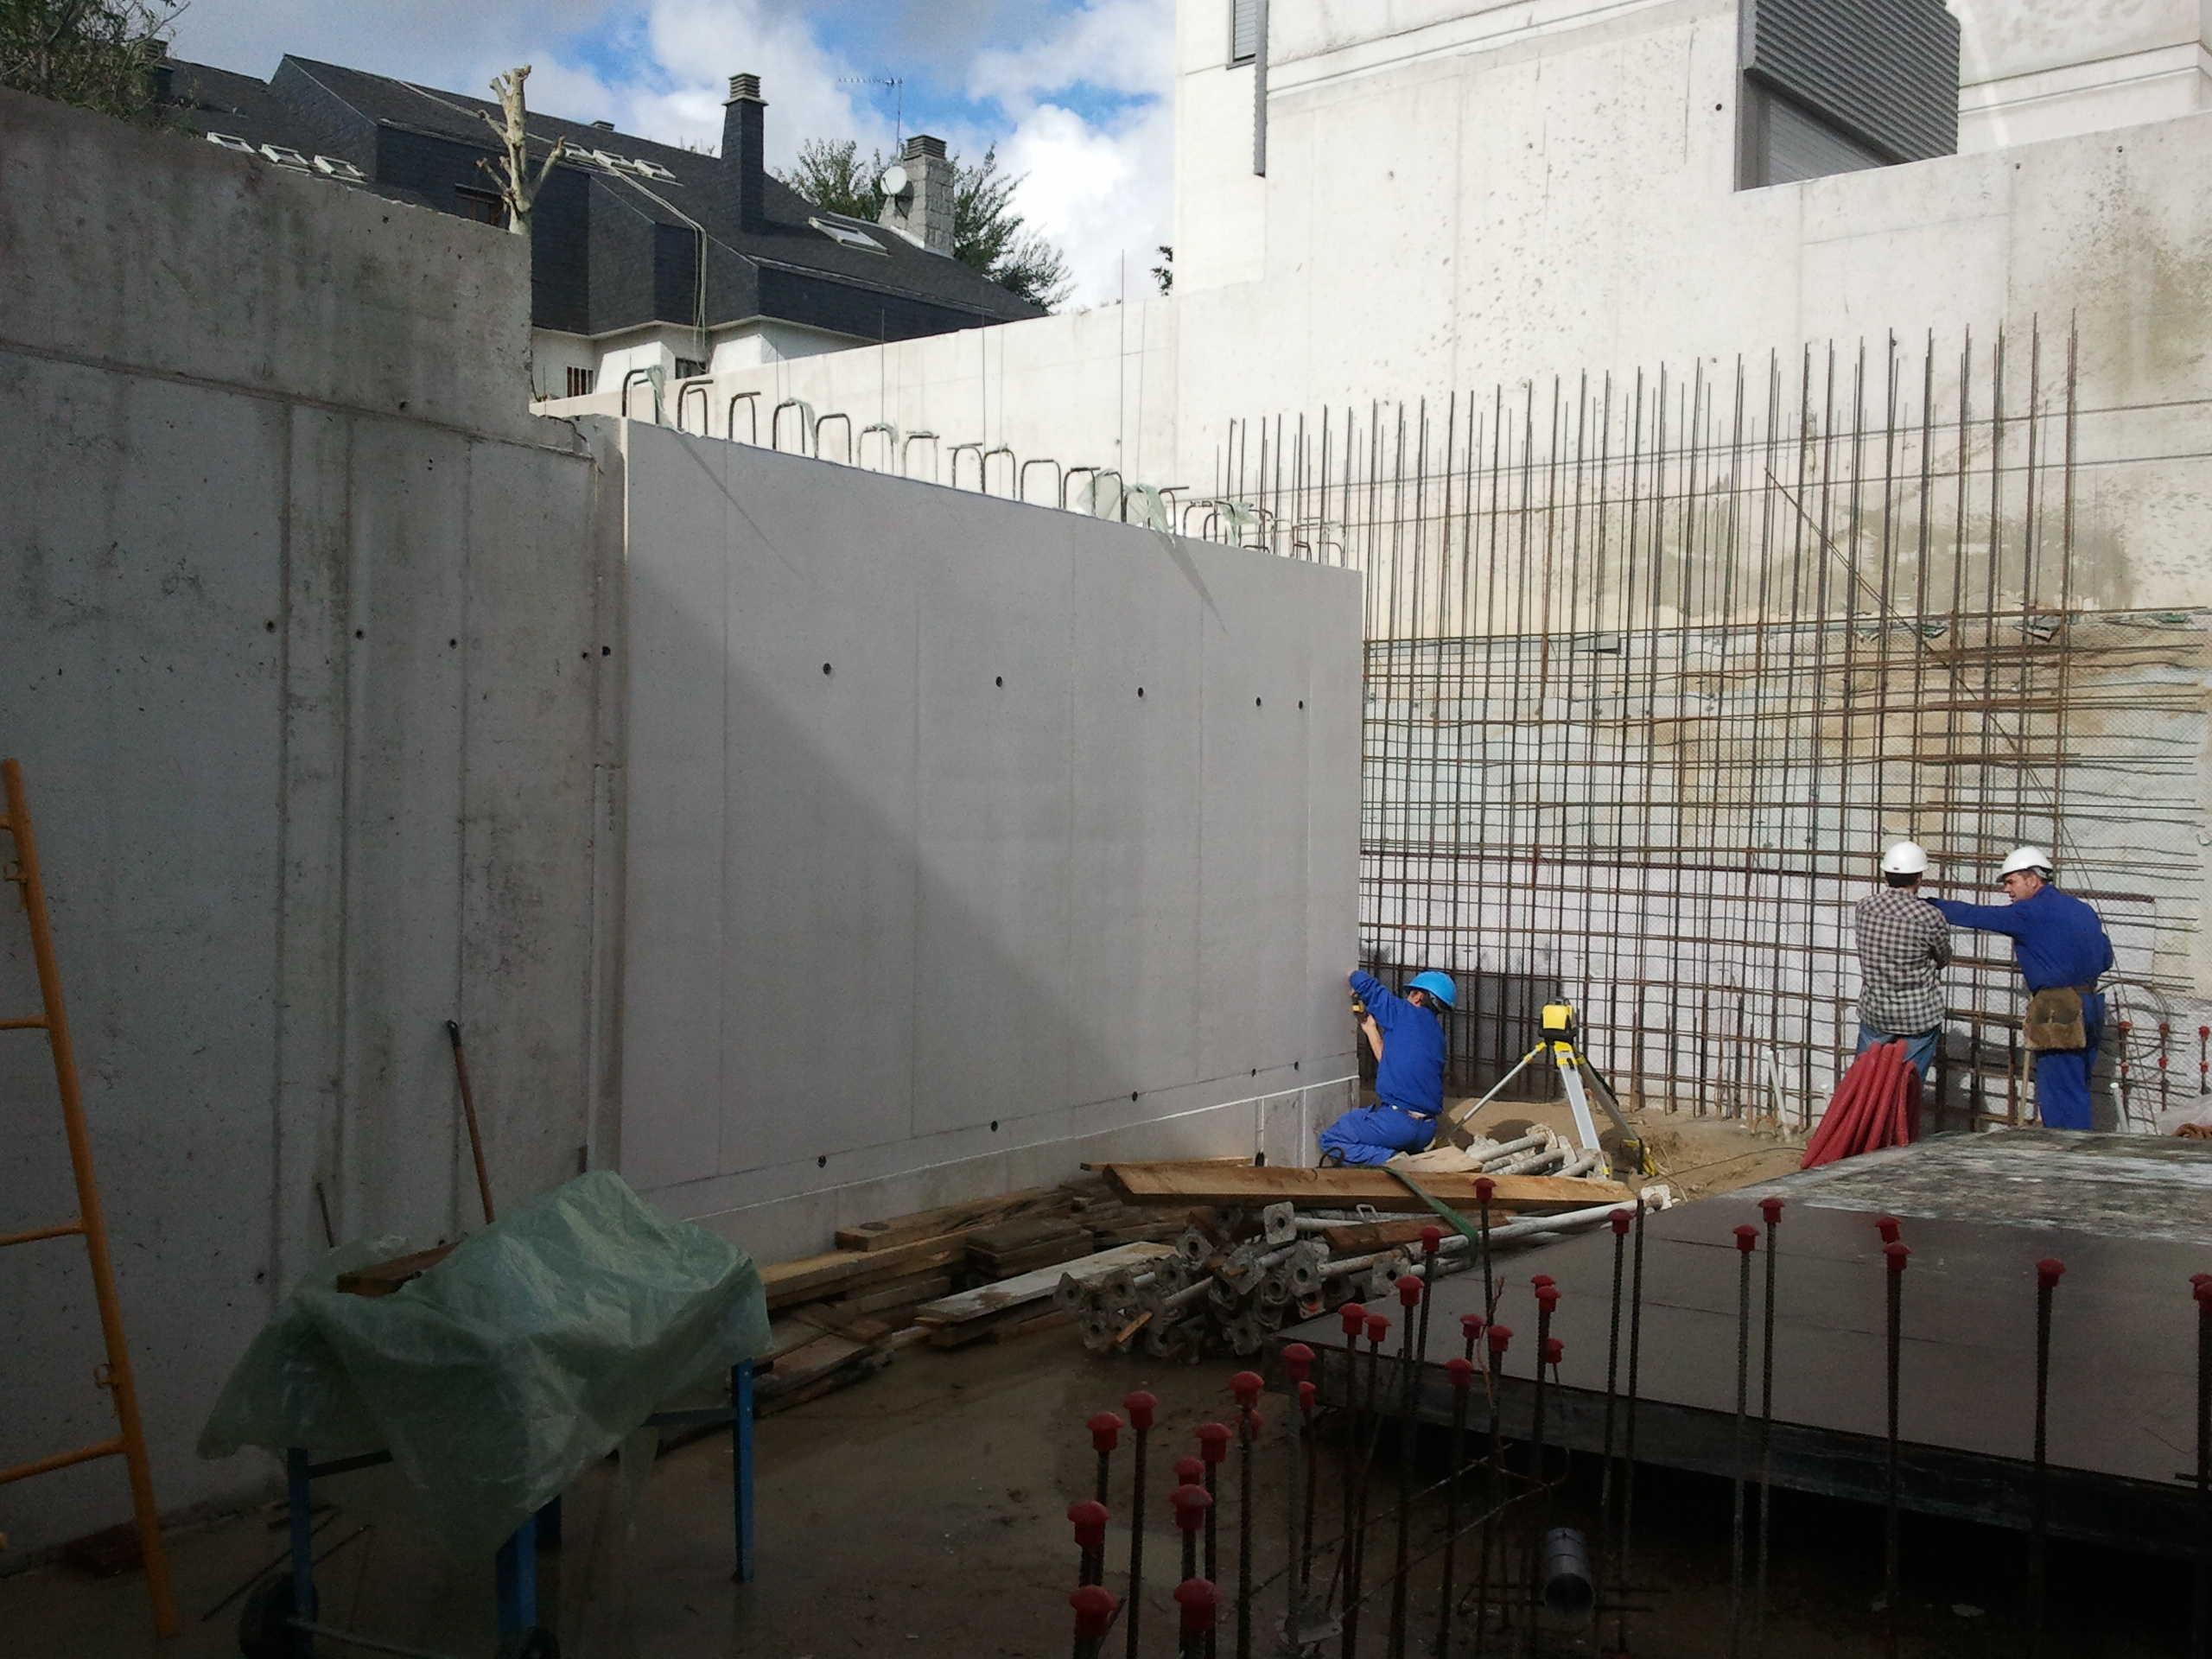 Vivienda unifamilar c/ Luis de la Mata, 2 (Madrid)</br></br>2011</br></br><h4>Cliente: Eslava y Tejada arquitectos (Miguel Tejada)</h4>